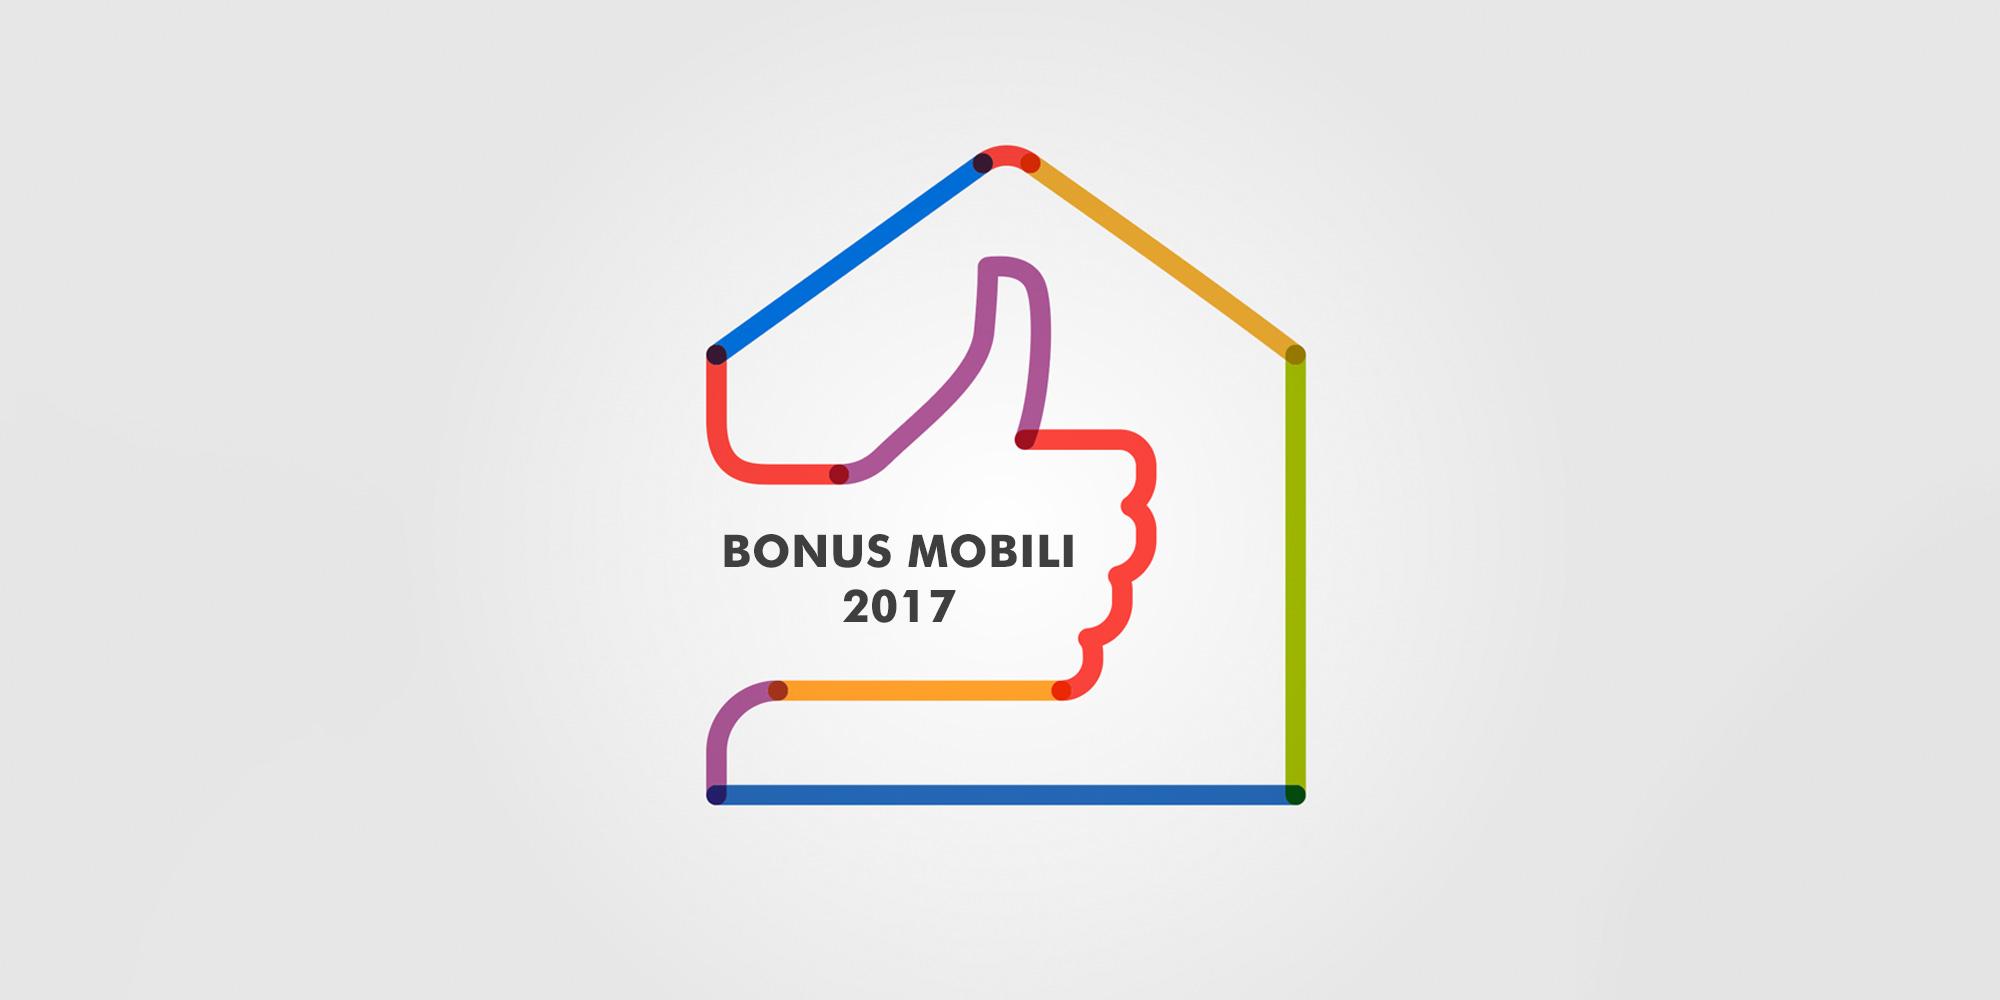 Agevolazioni fiscali per l 39 arredamento bonus mobili e for Causale bonifico ristrutturazione 2017